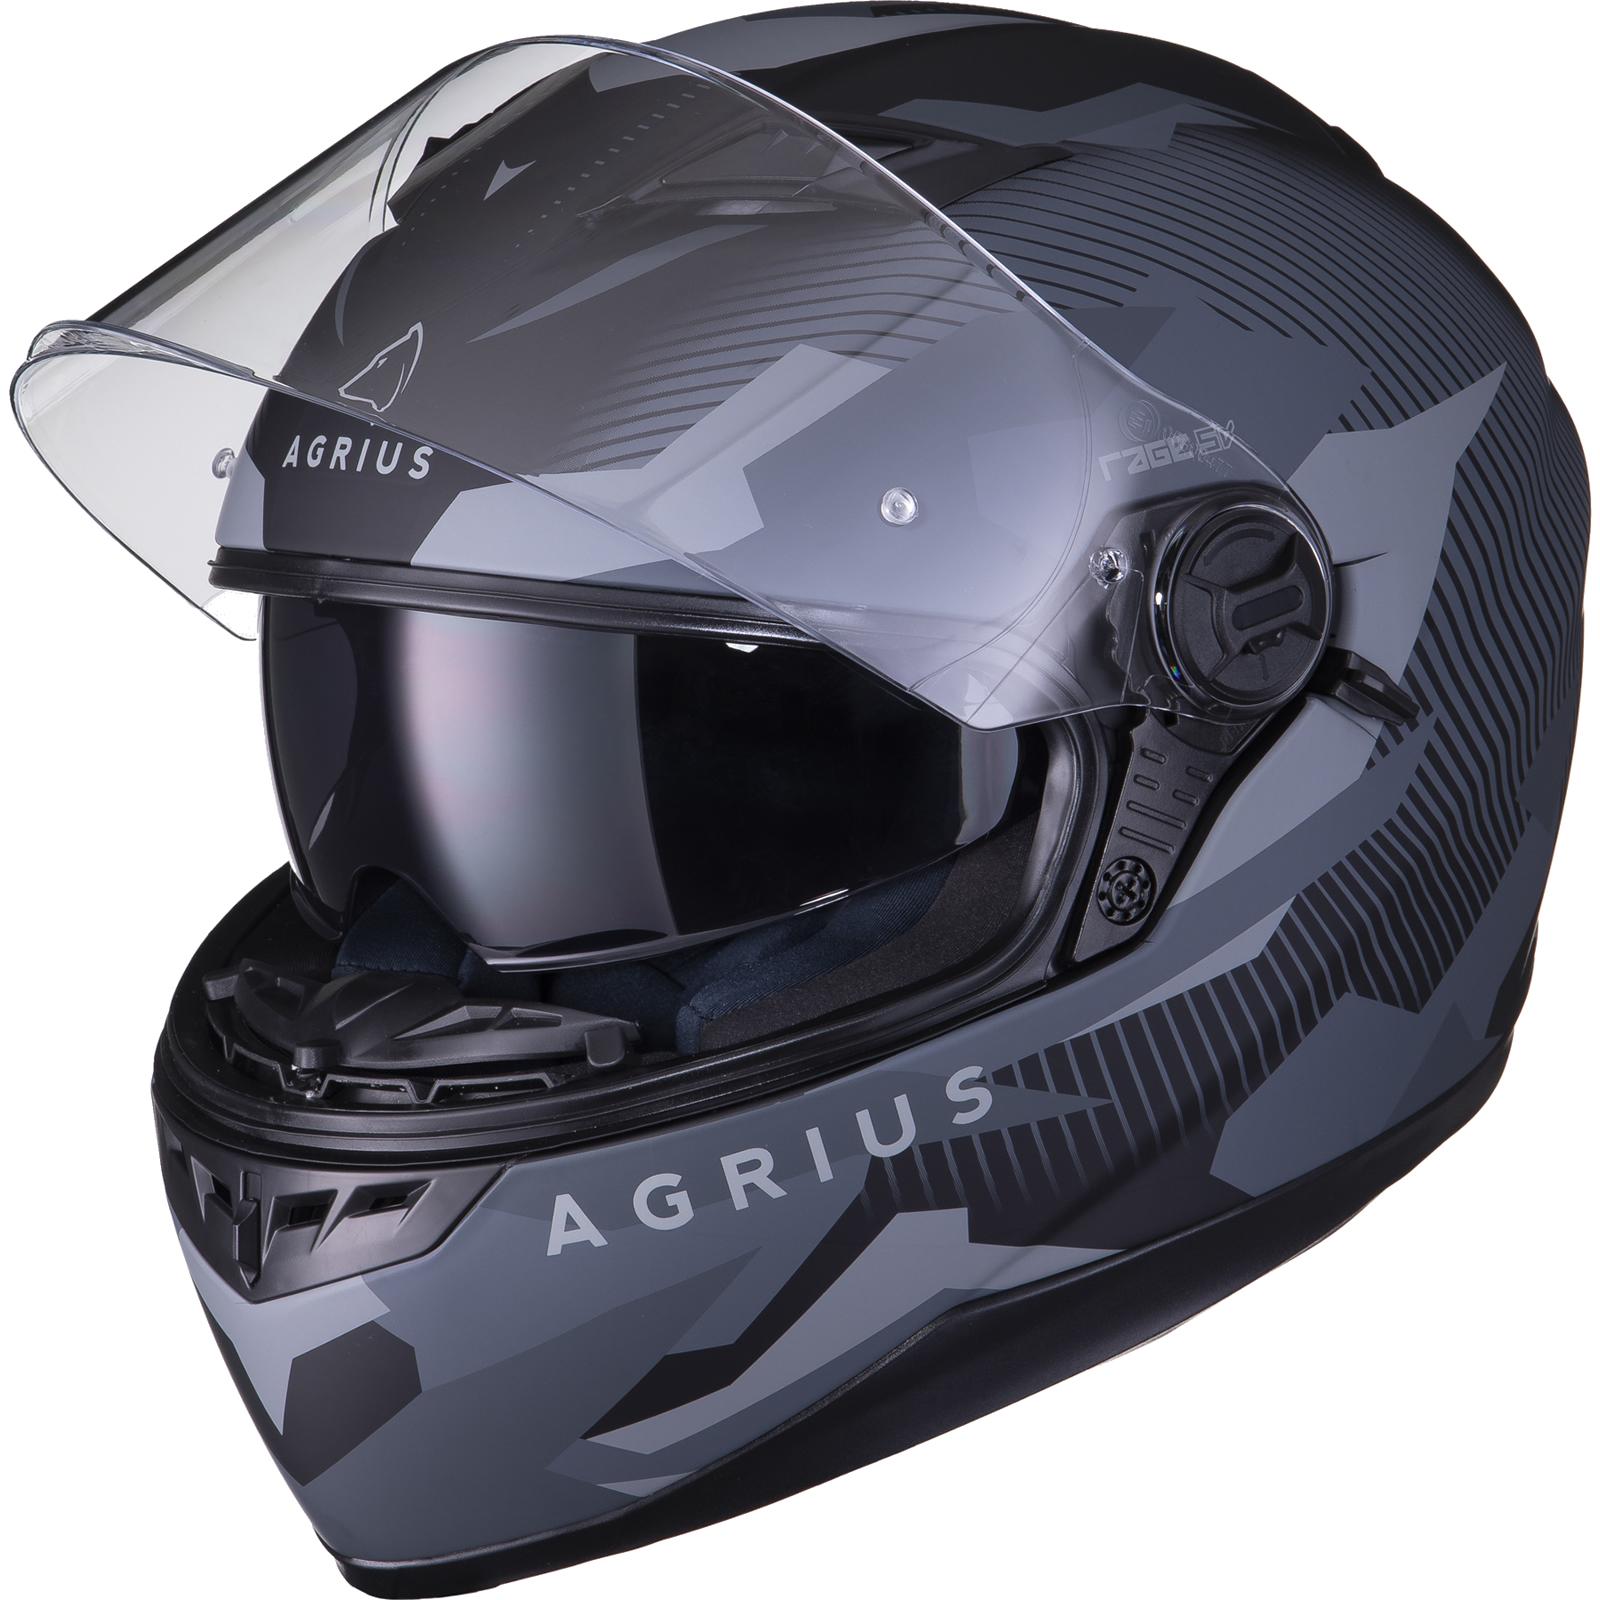 Agrius-Rage-SV-Tracker-Full-Face-Motorcycle-Matt-Helmet-bike-Road-Bike-Scooter thumbnail 15